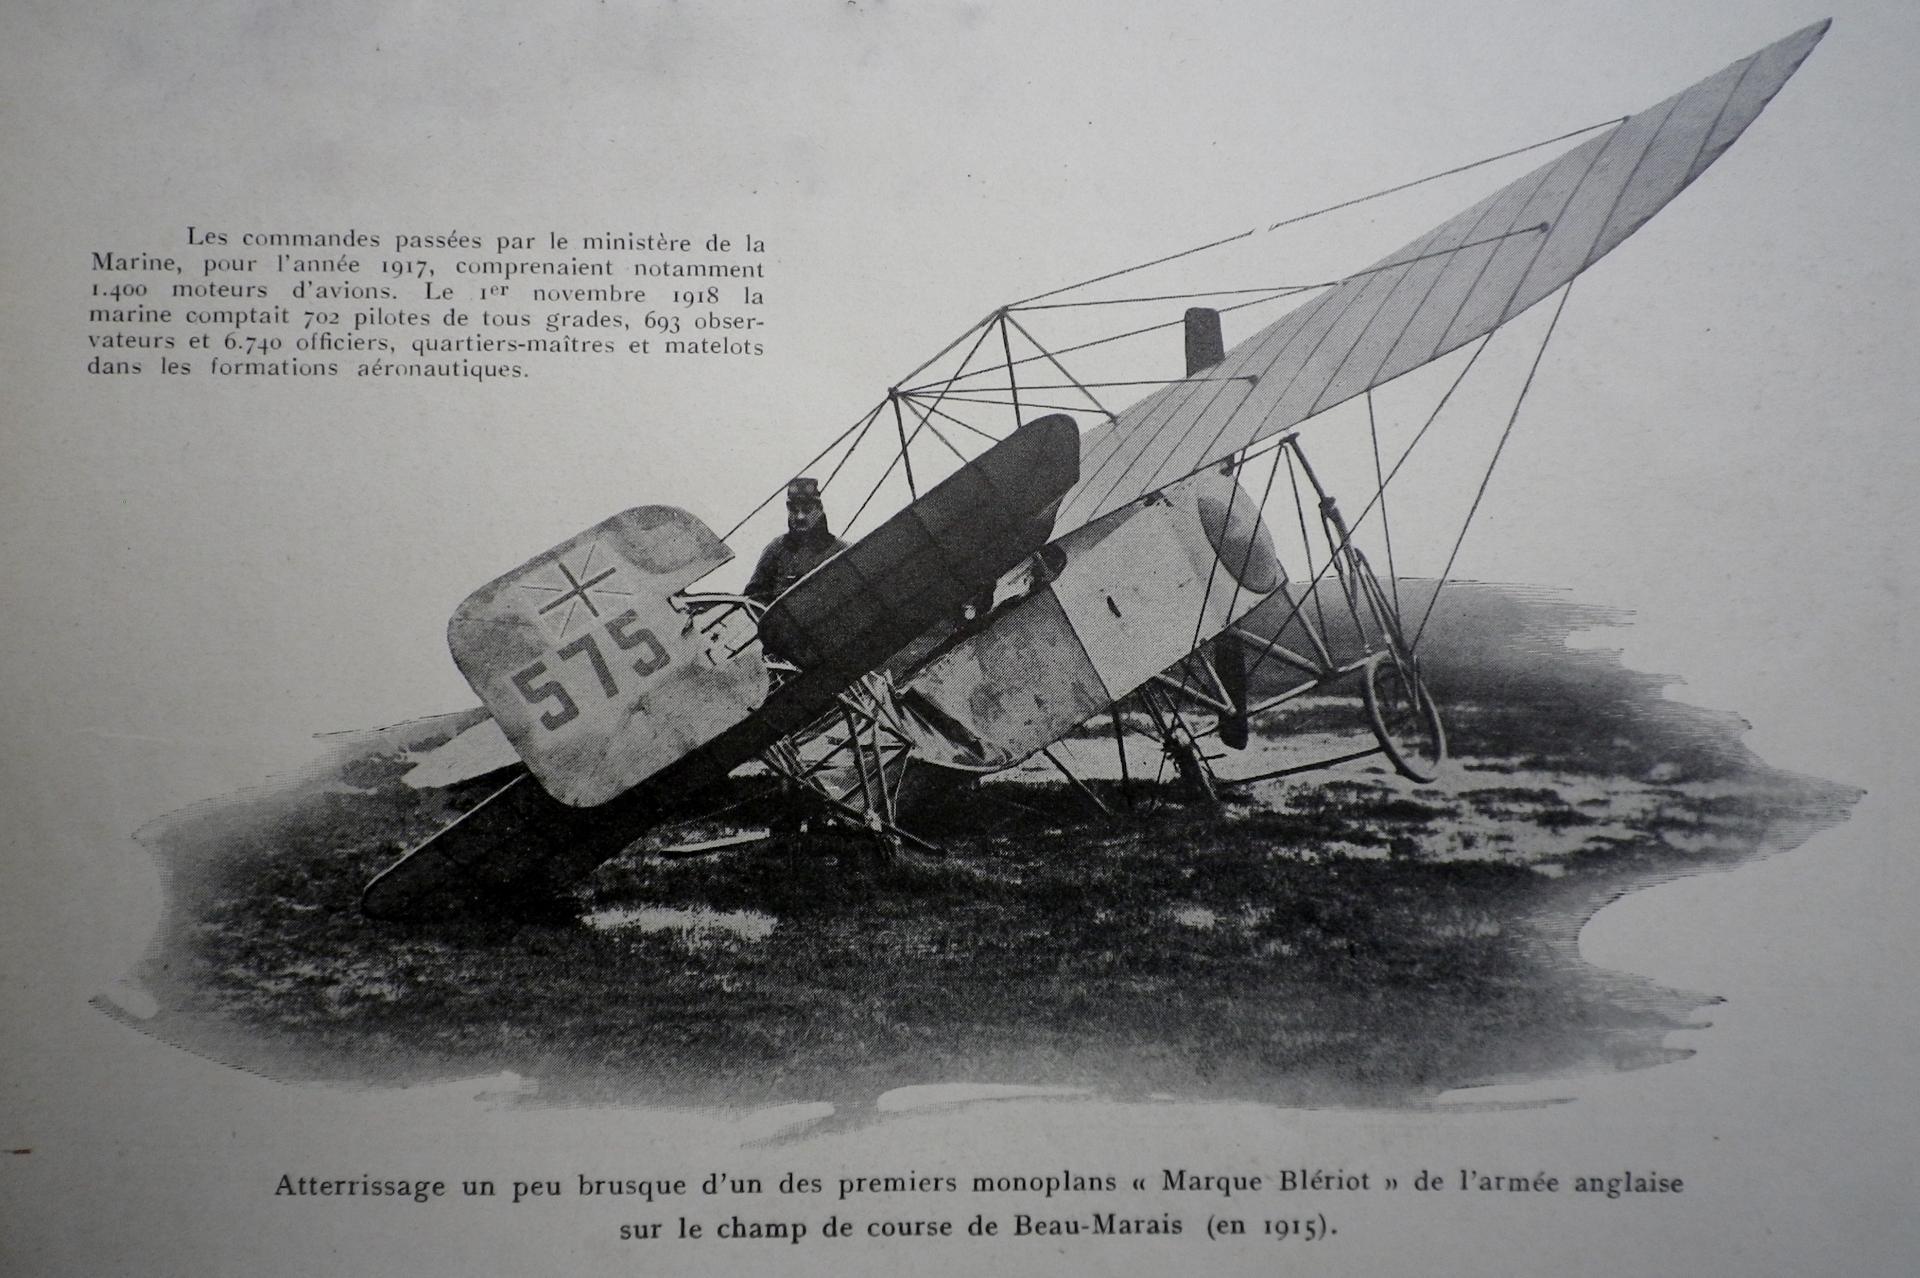 Calais 14 18 atterrissage brusque d un des premiers monoplans marque bleriot de l armee anglaise sur le champ de course du beau marais en 1915